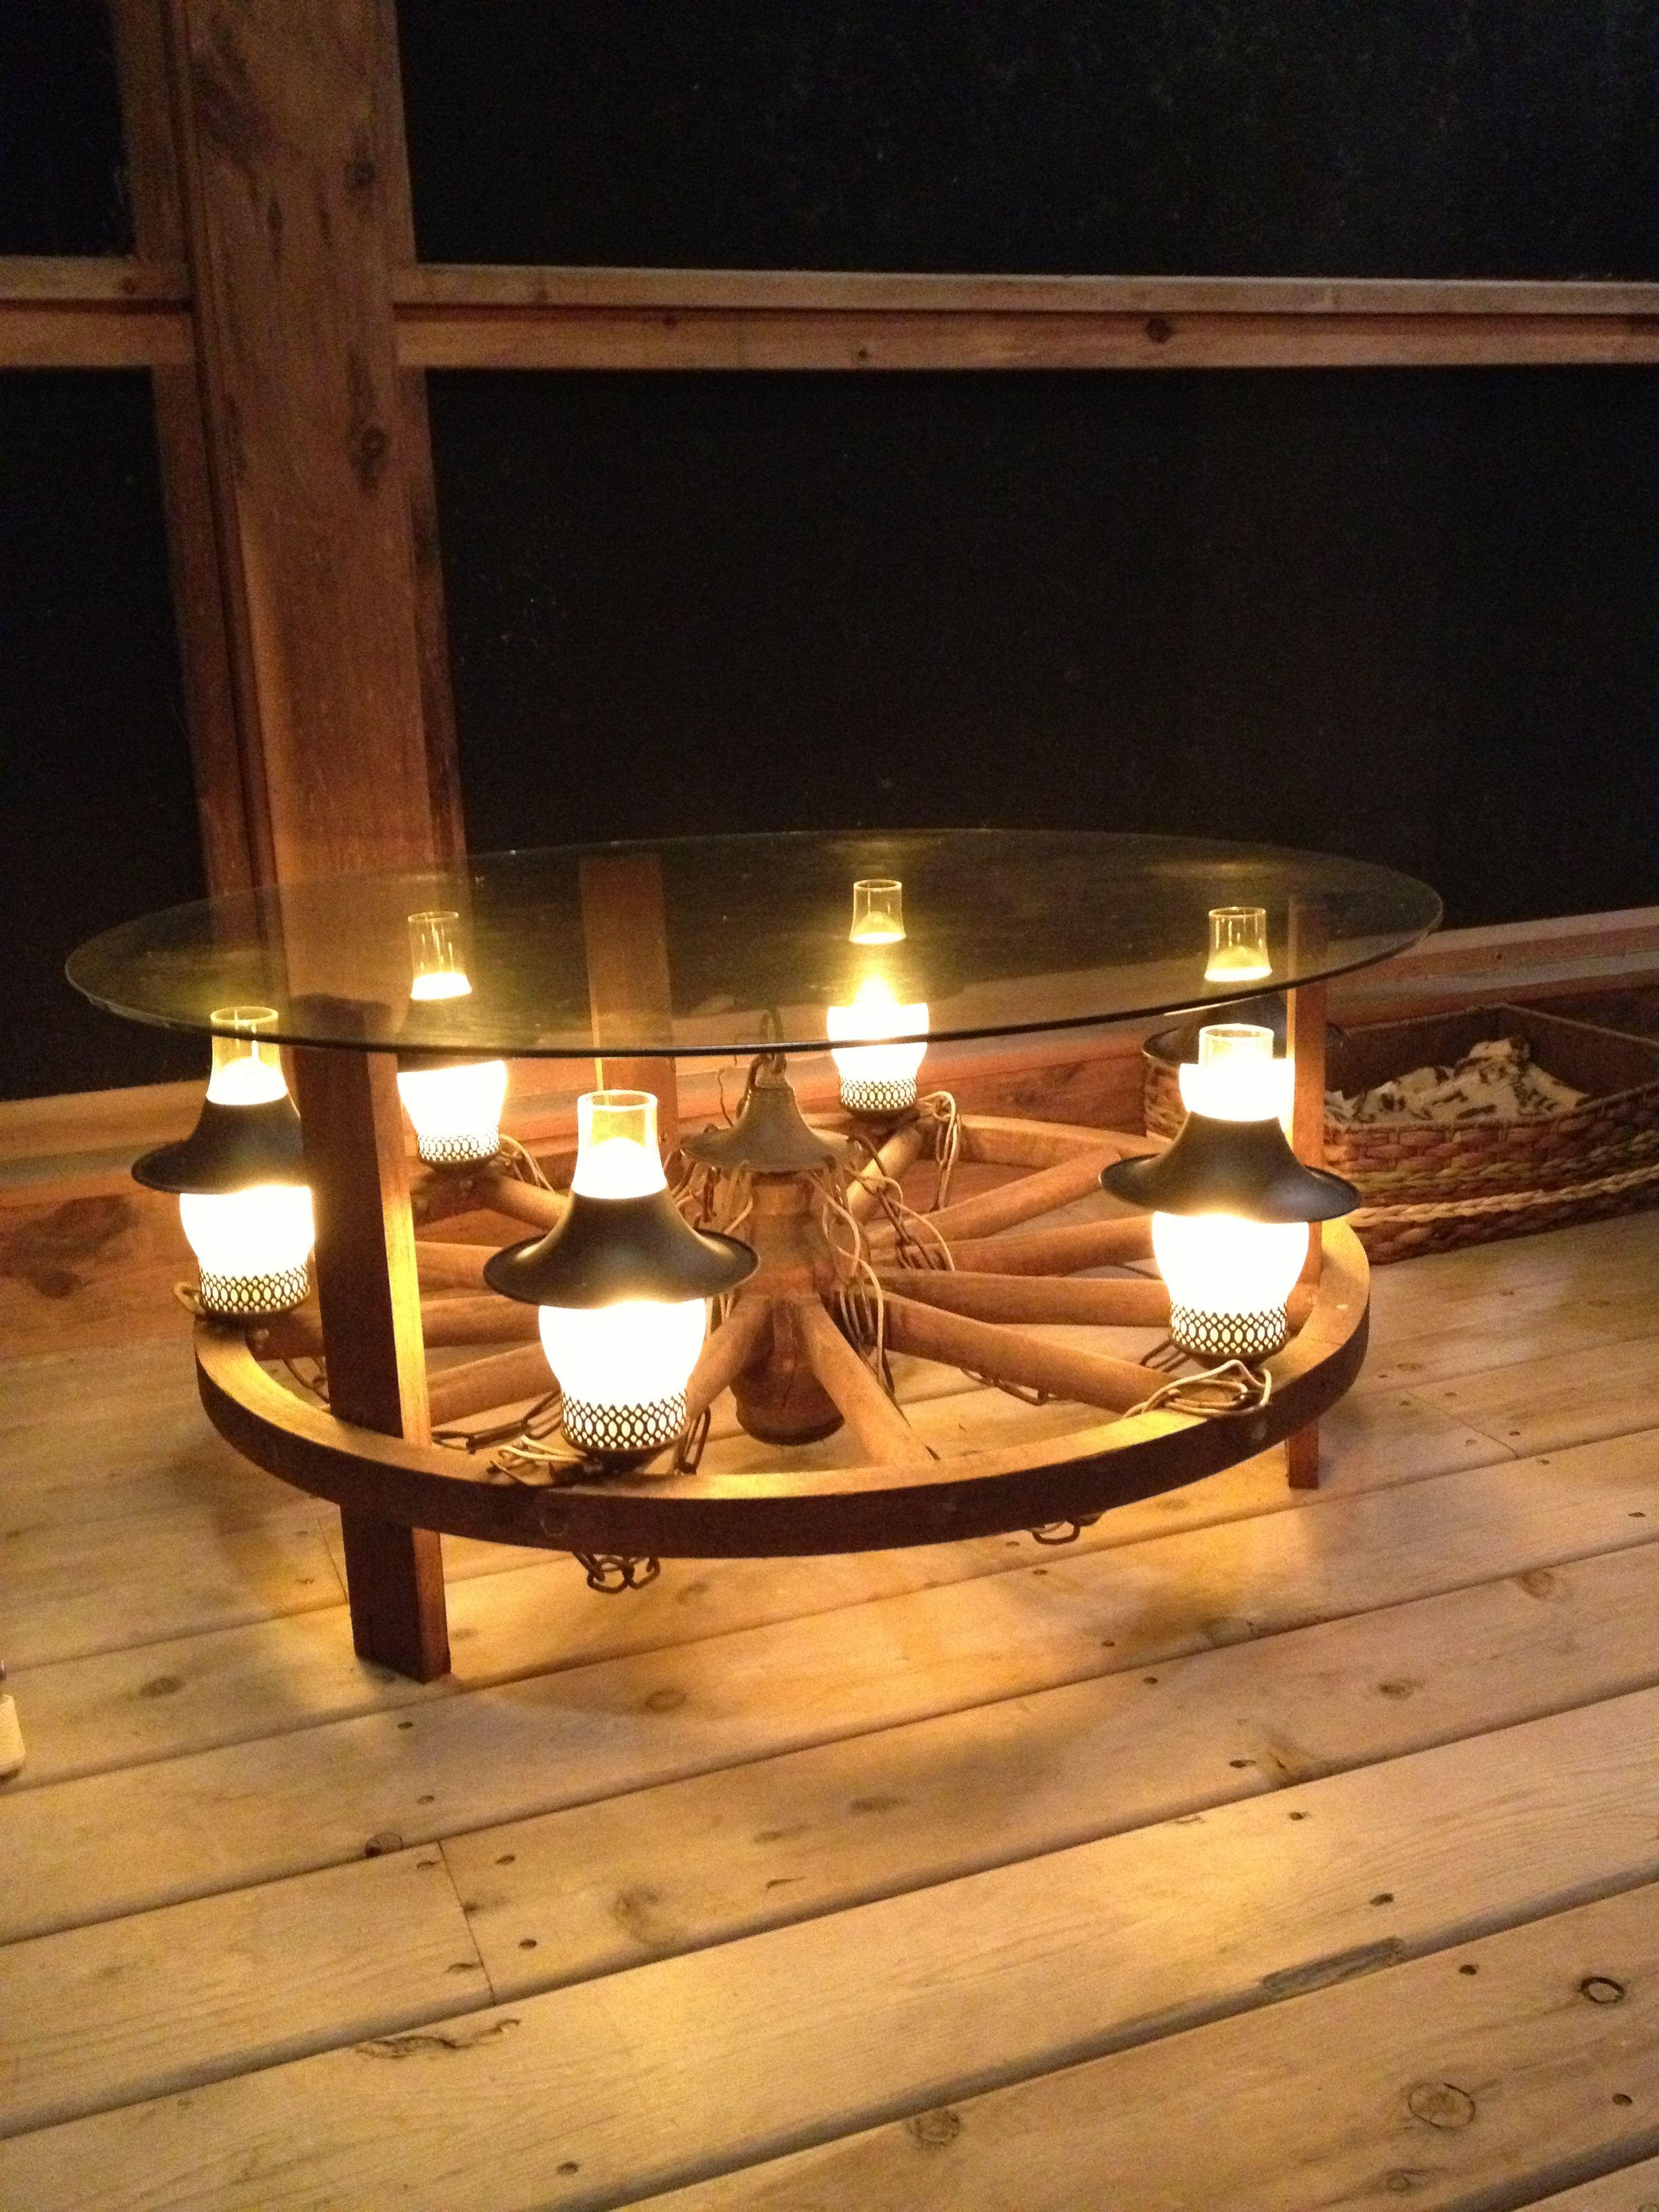 What a creative idea A coffee table